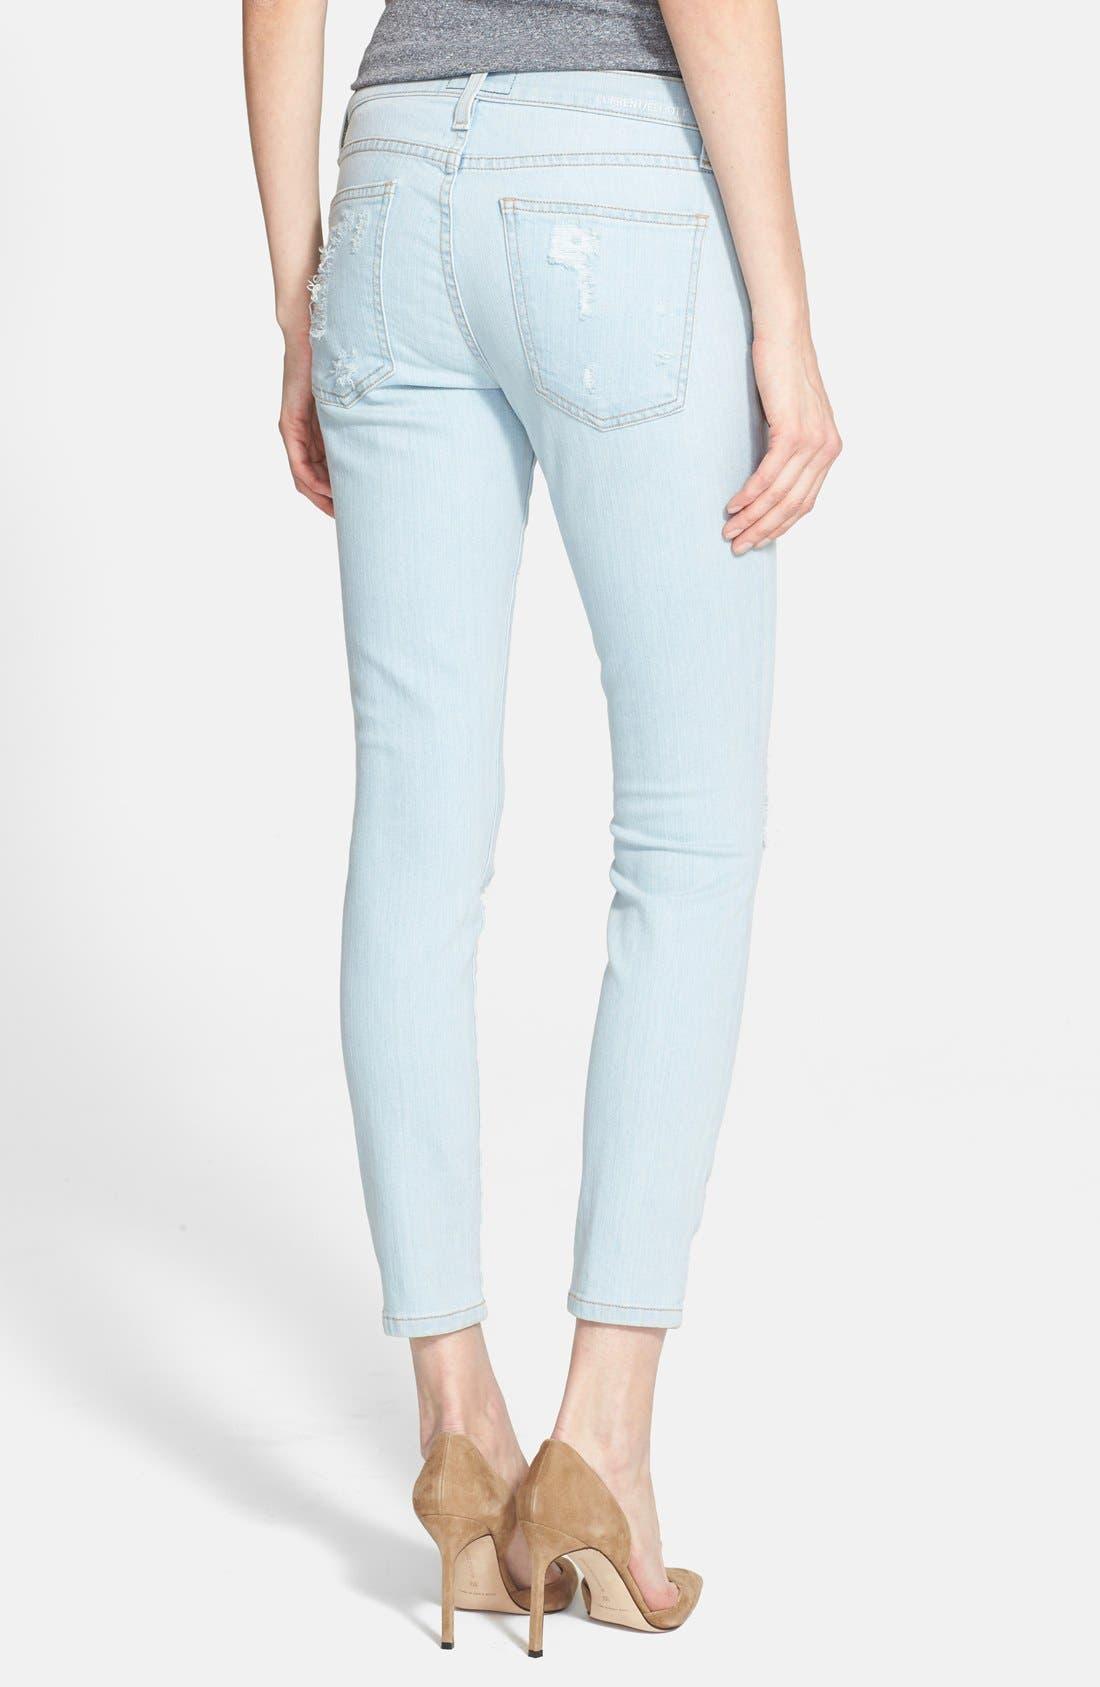 Alternate Image 3  - Current/Elliott 'The Stiletto' Destroyed Skinny Jeans (Chalky Indigo Shredded)